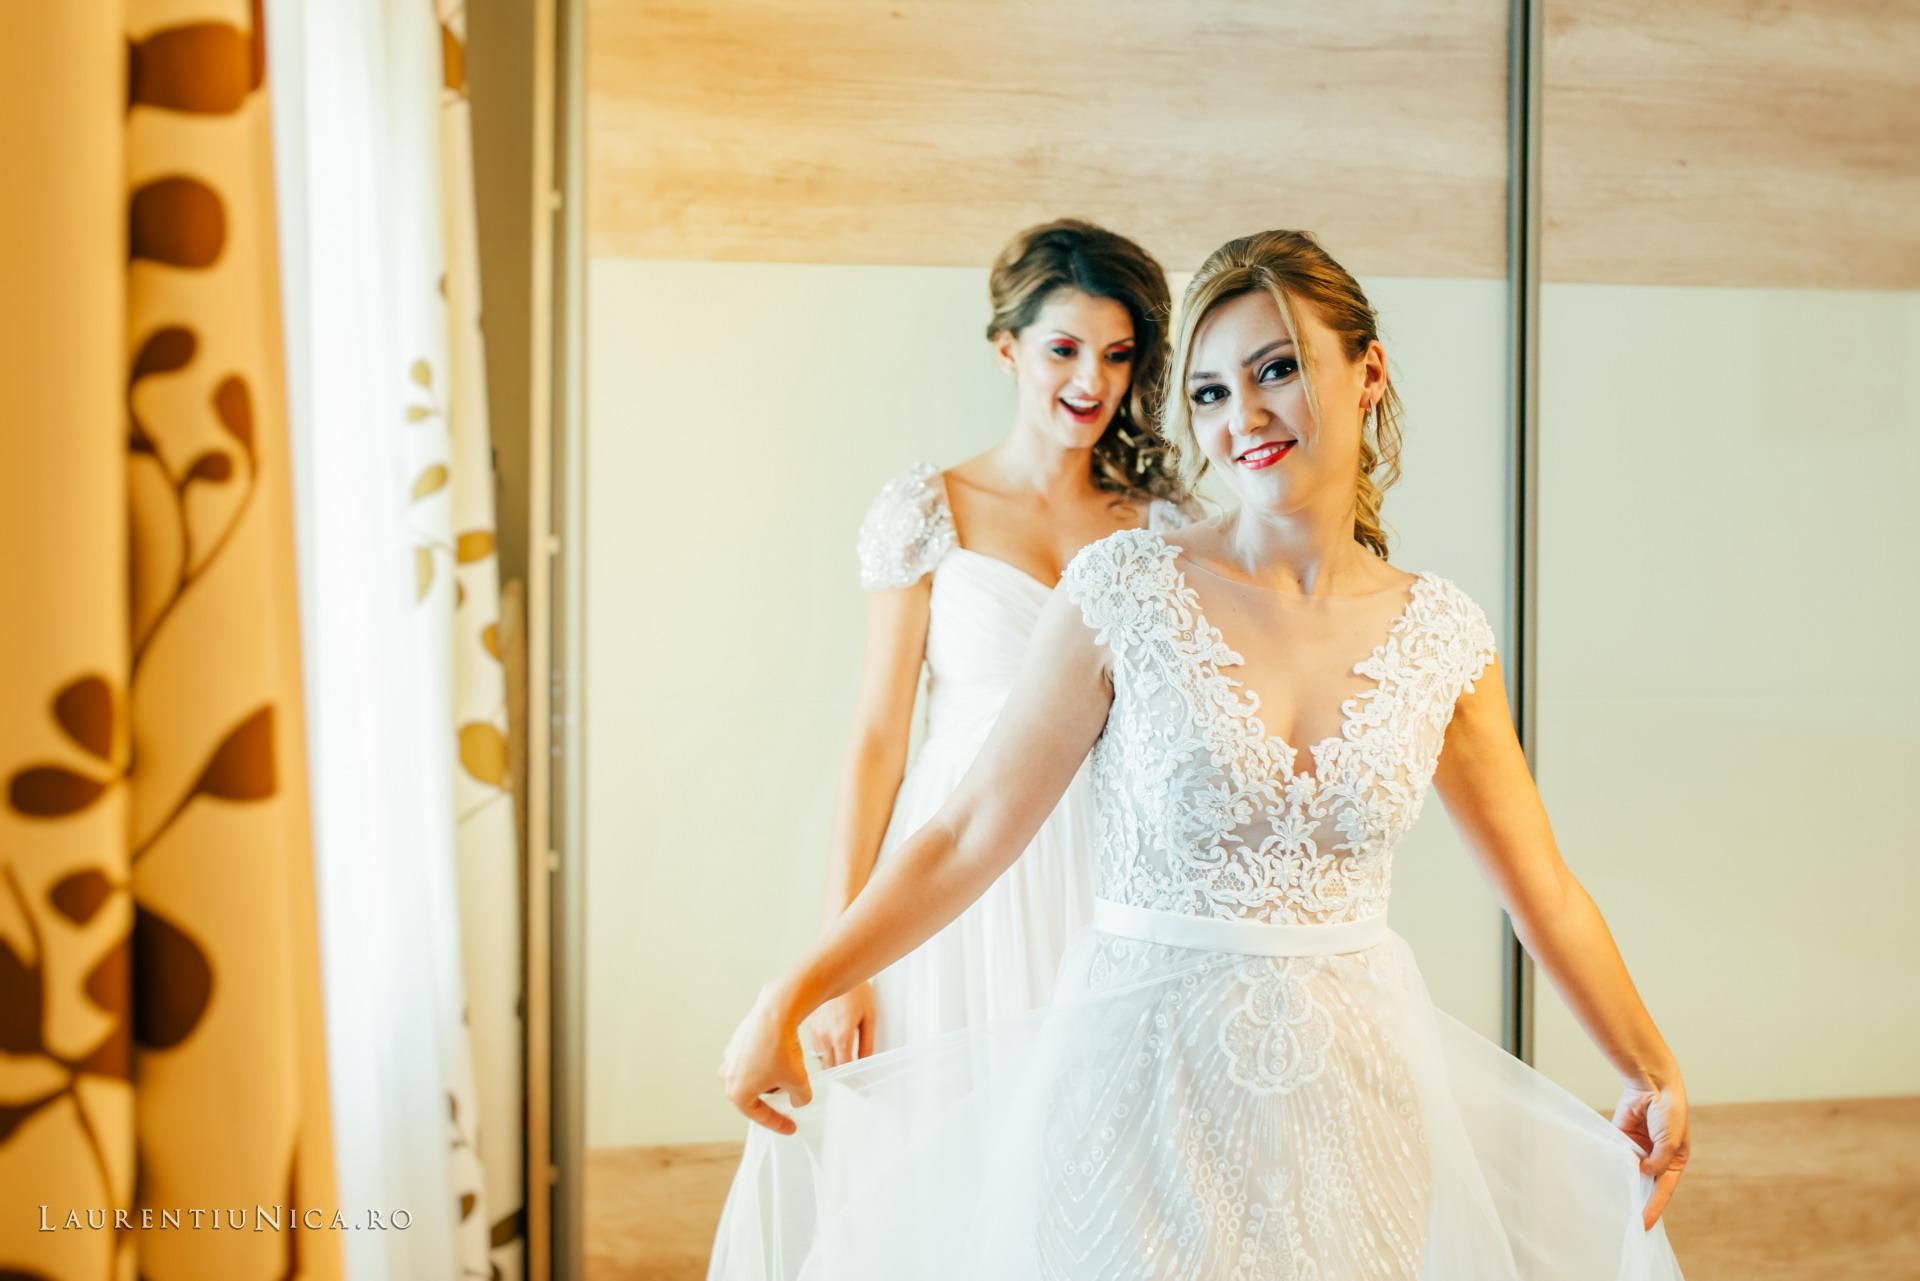 carolina si sorin craiova fotograf nunta laurentiu nica19 - Carolina & Sorin | Fotografii nunta